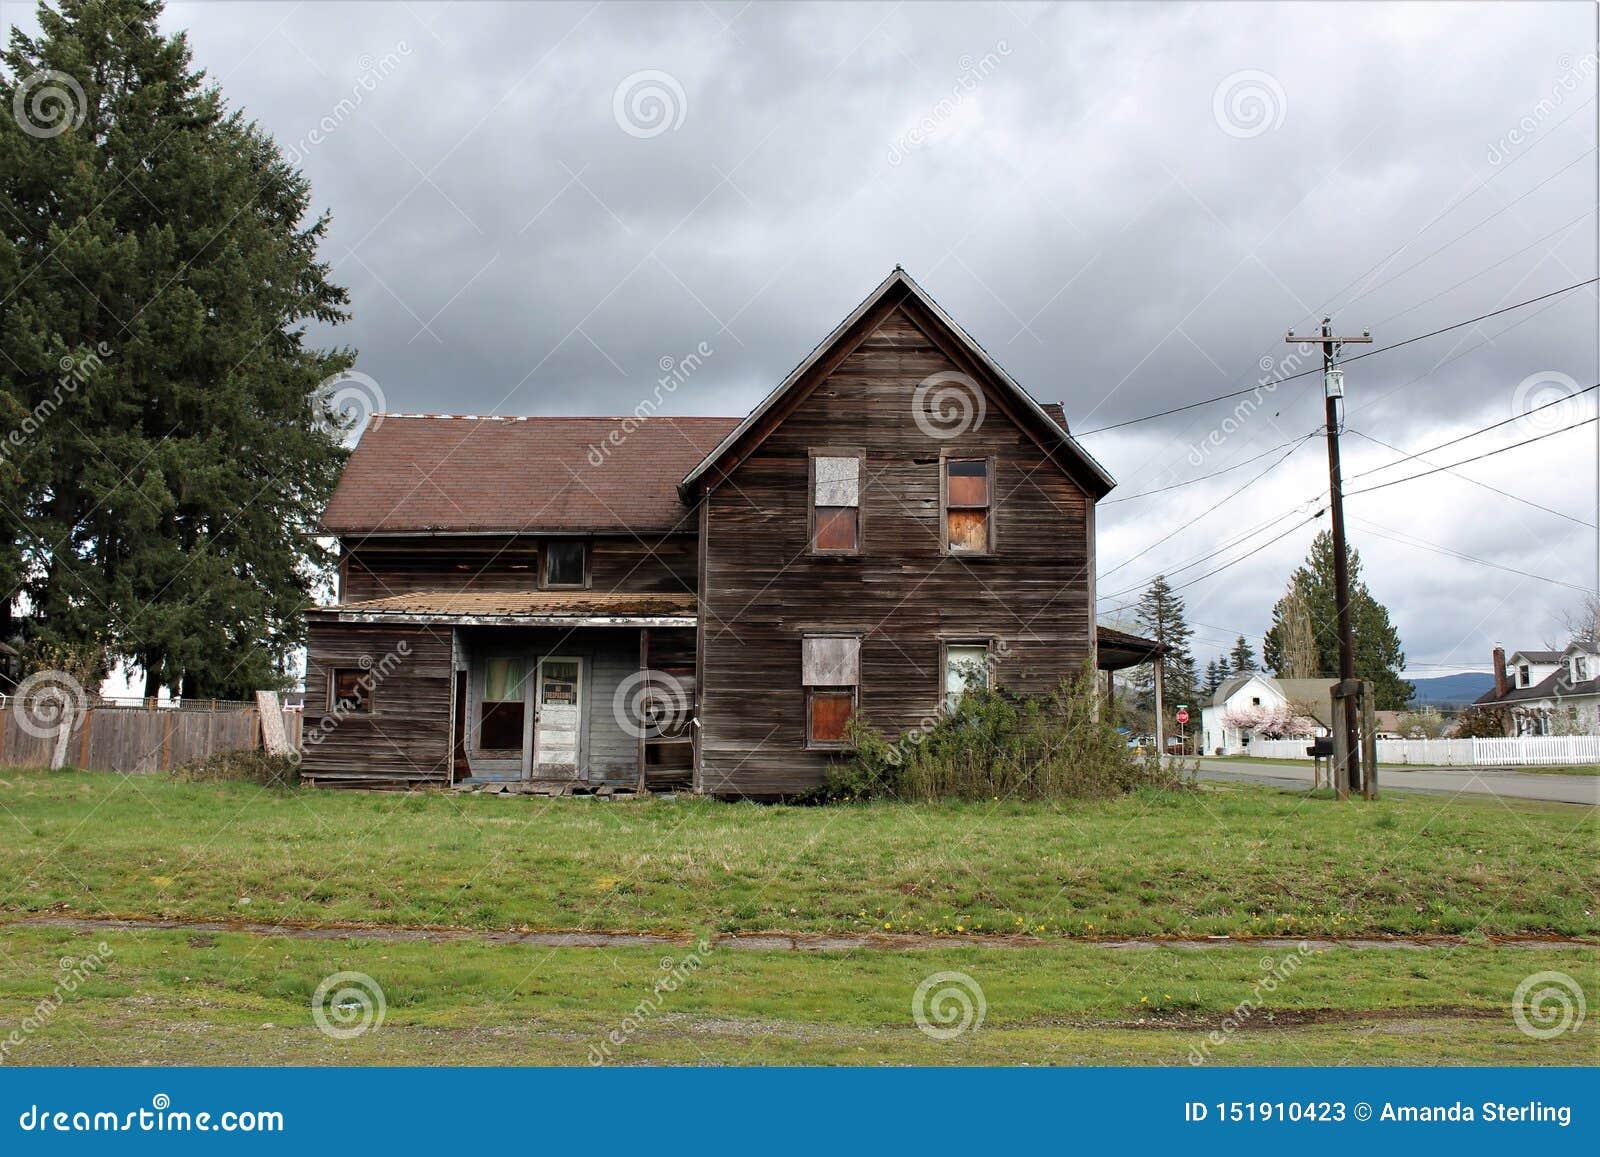 Casa abandonada em quedas do granito, opinião lateral de WA com um arco concreto no jardim da frente